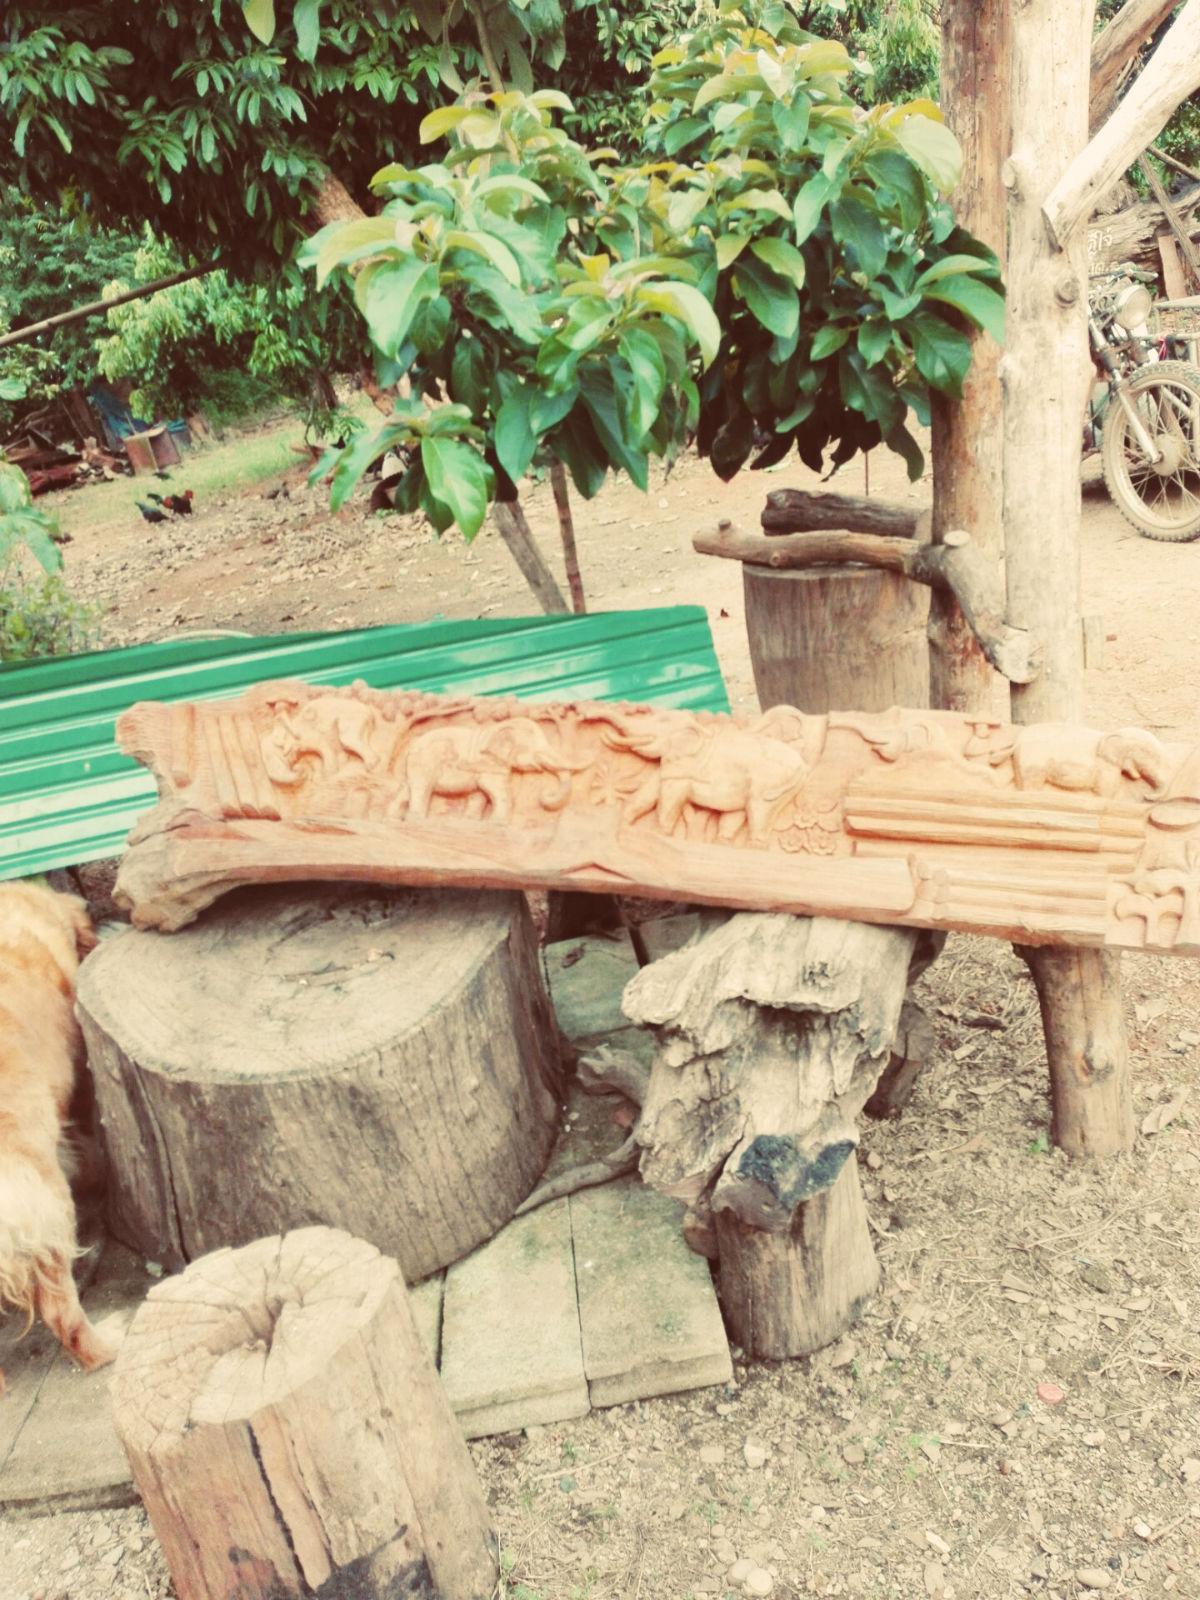 阿伯的木雕以大象为主,造型各异,有牌匾,有雕像,阿伯还搬出了一只小象